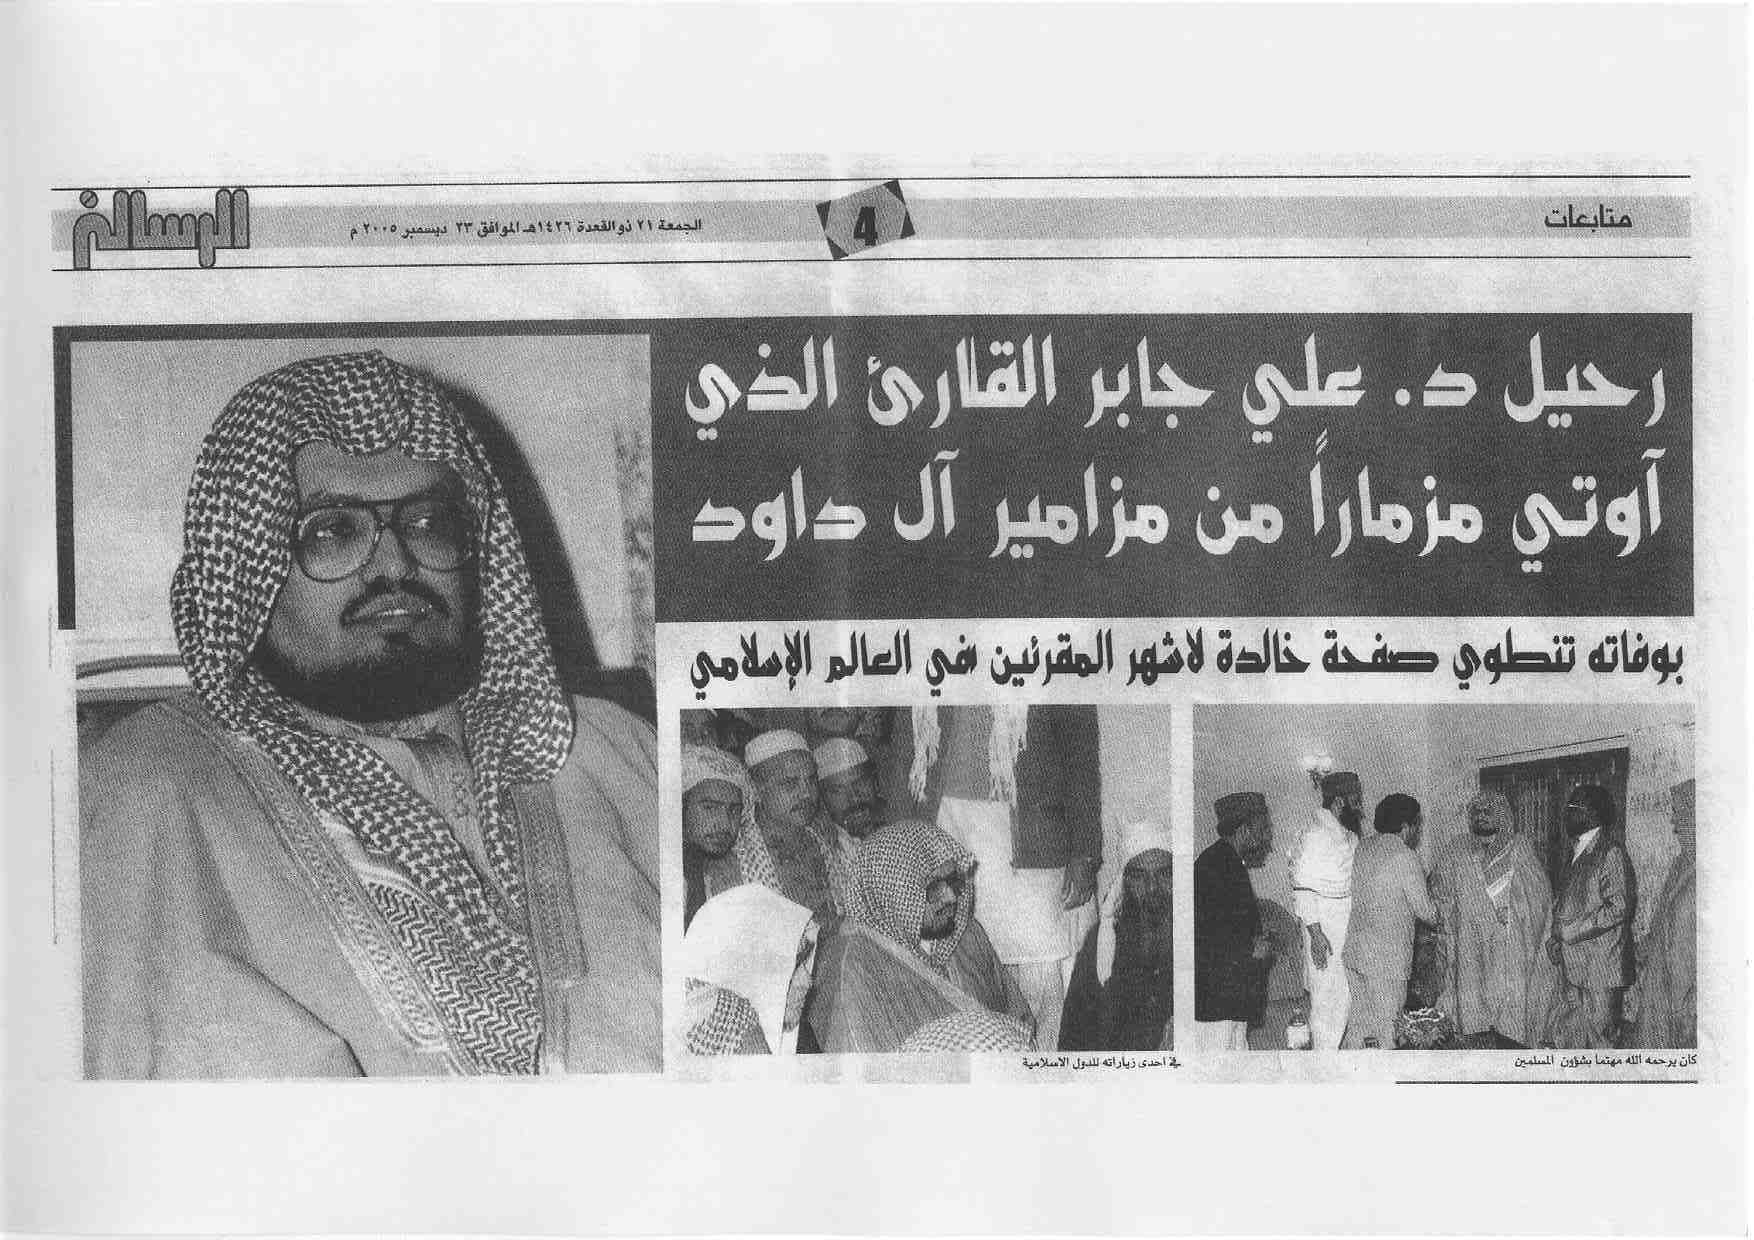 رحيل الشيخ علي جابر 5